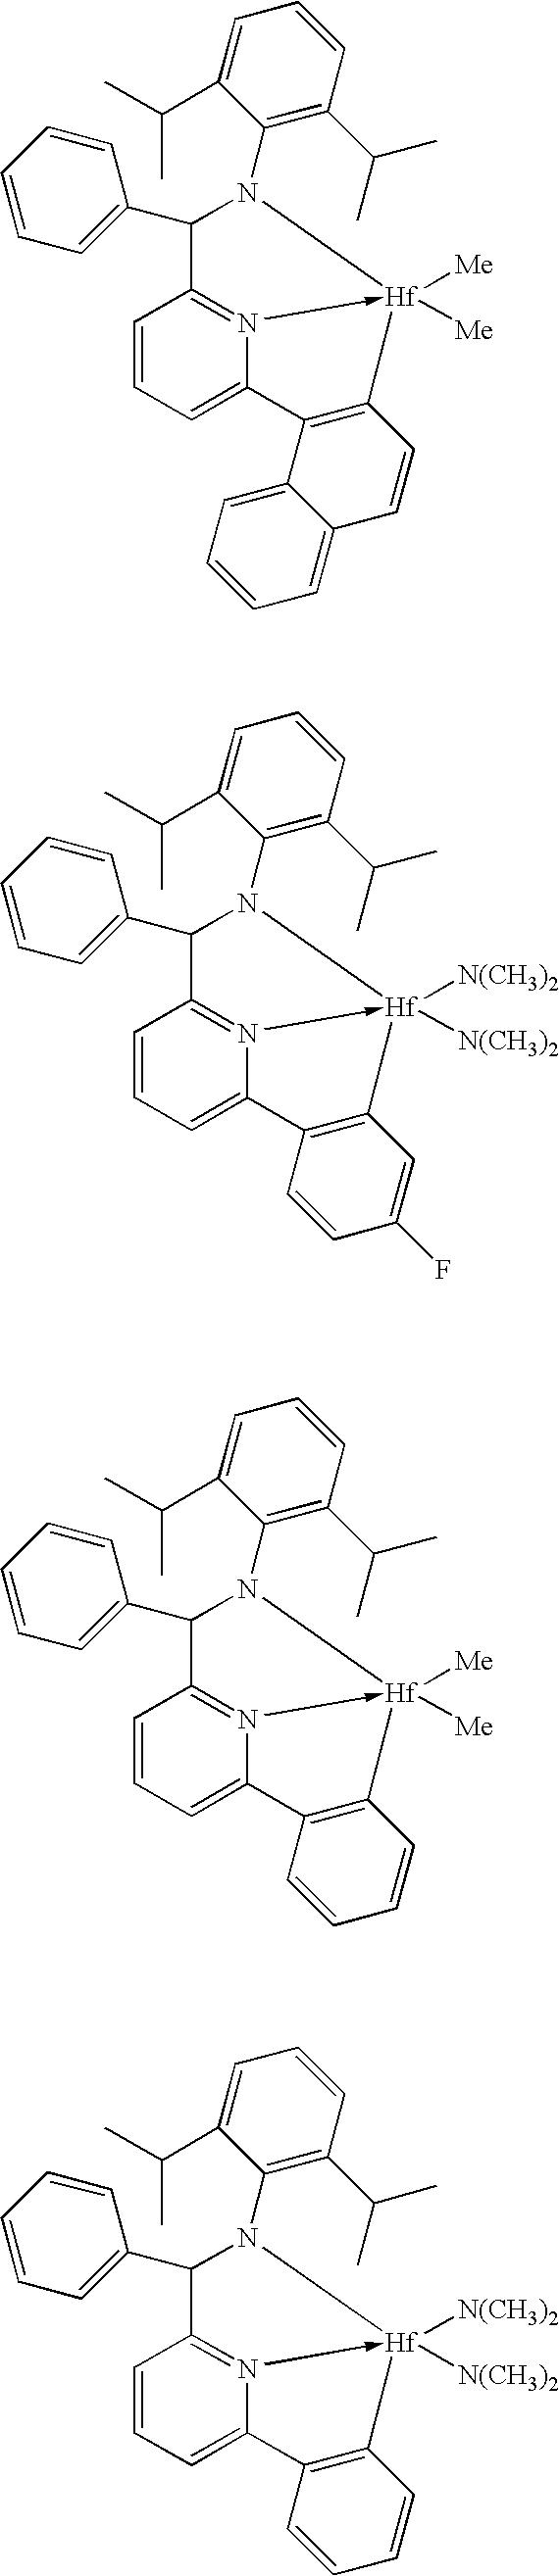 Figure US20050245686A1-20051103-C00023